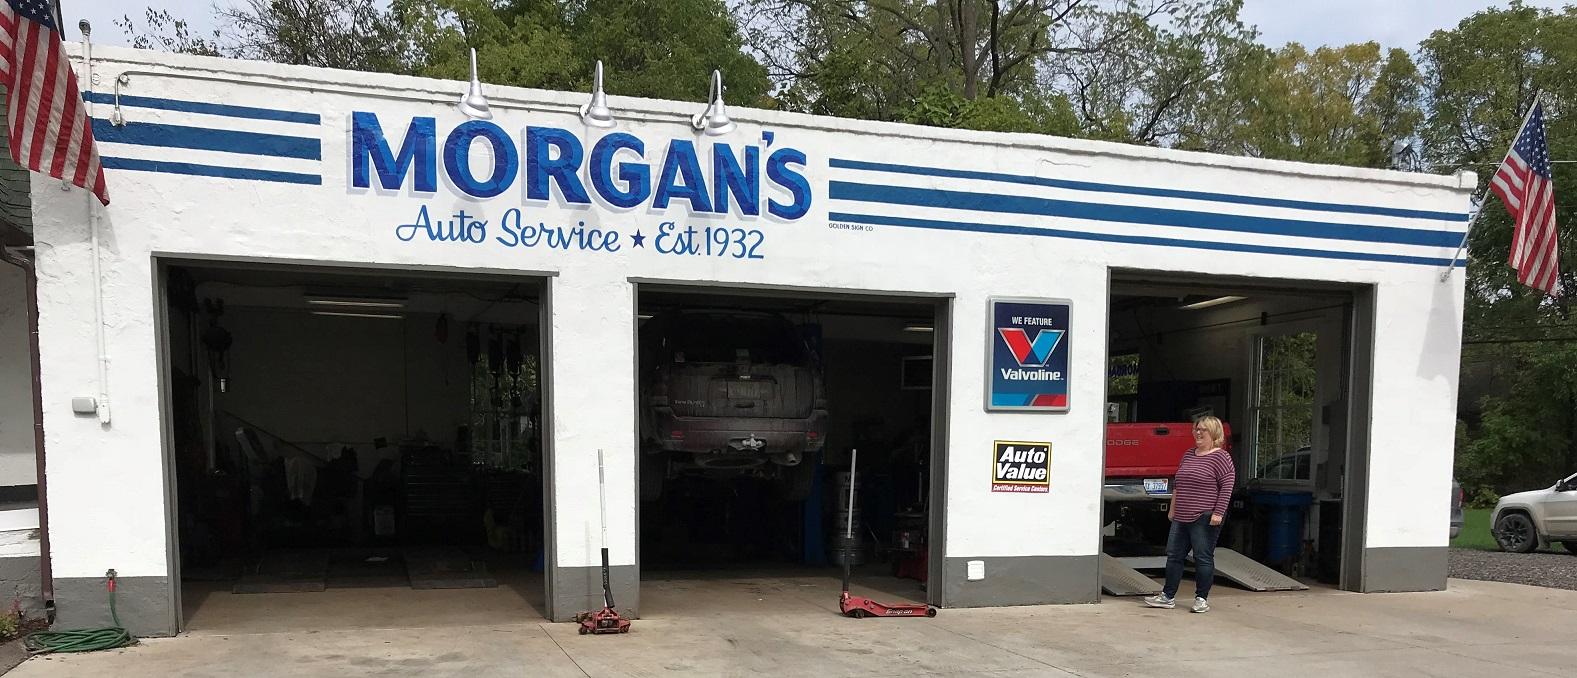 Morgan's Service